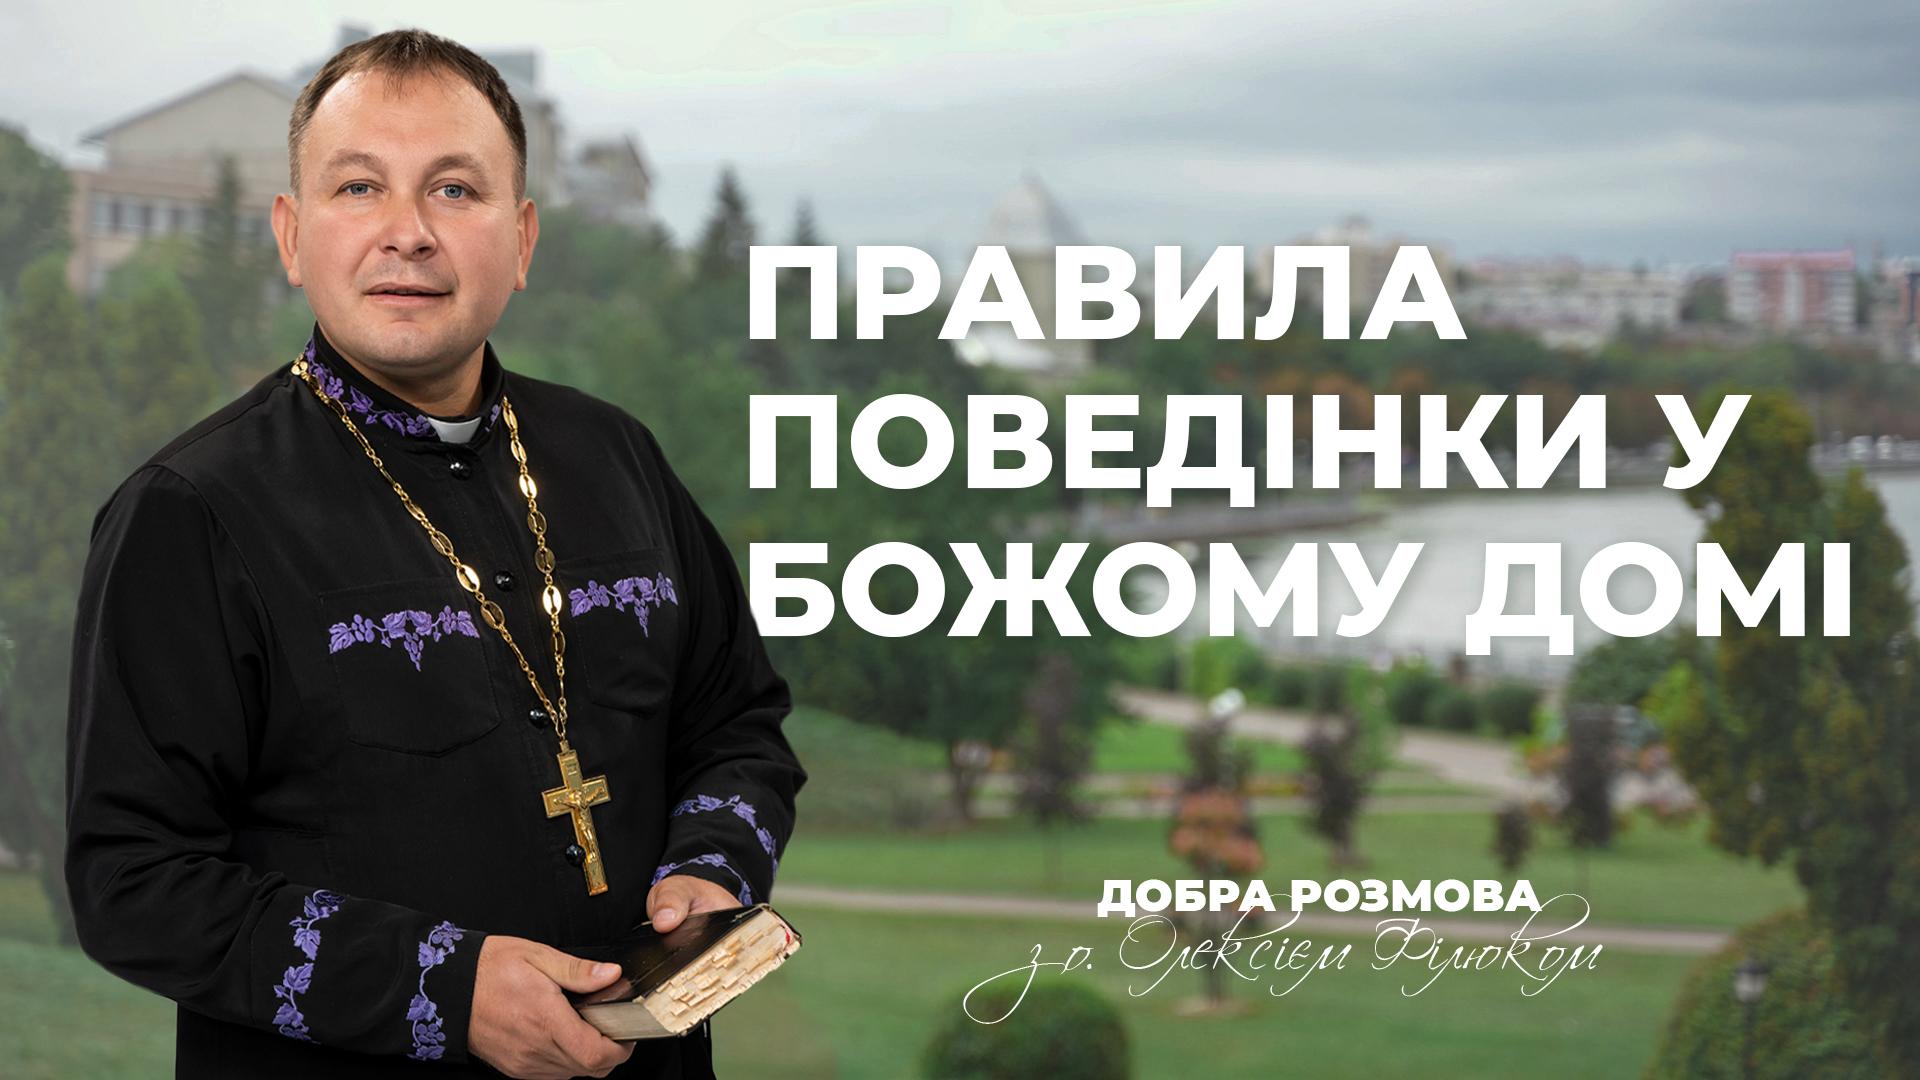 «Добра розмова» з отцем Олексієм Філюком — Правила поведінки у Божому домі, або церковні канони | #5